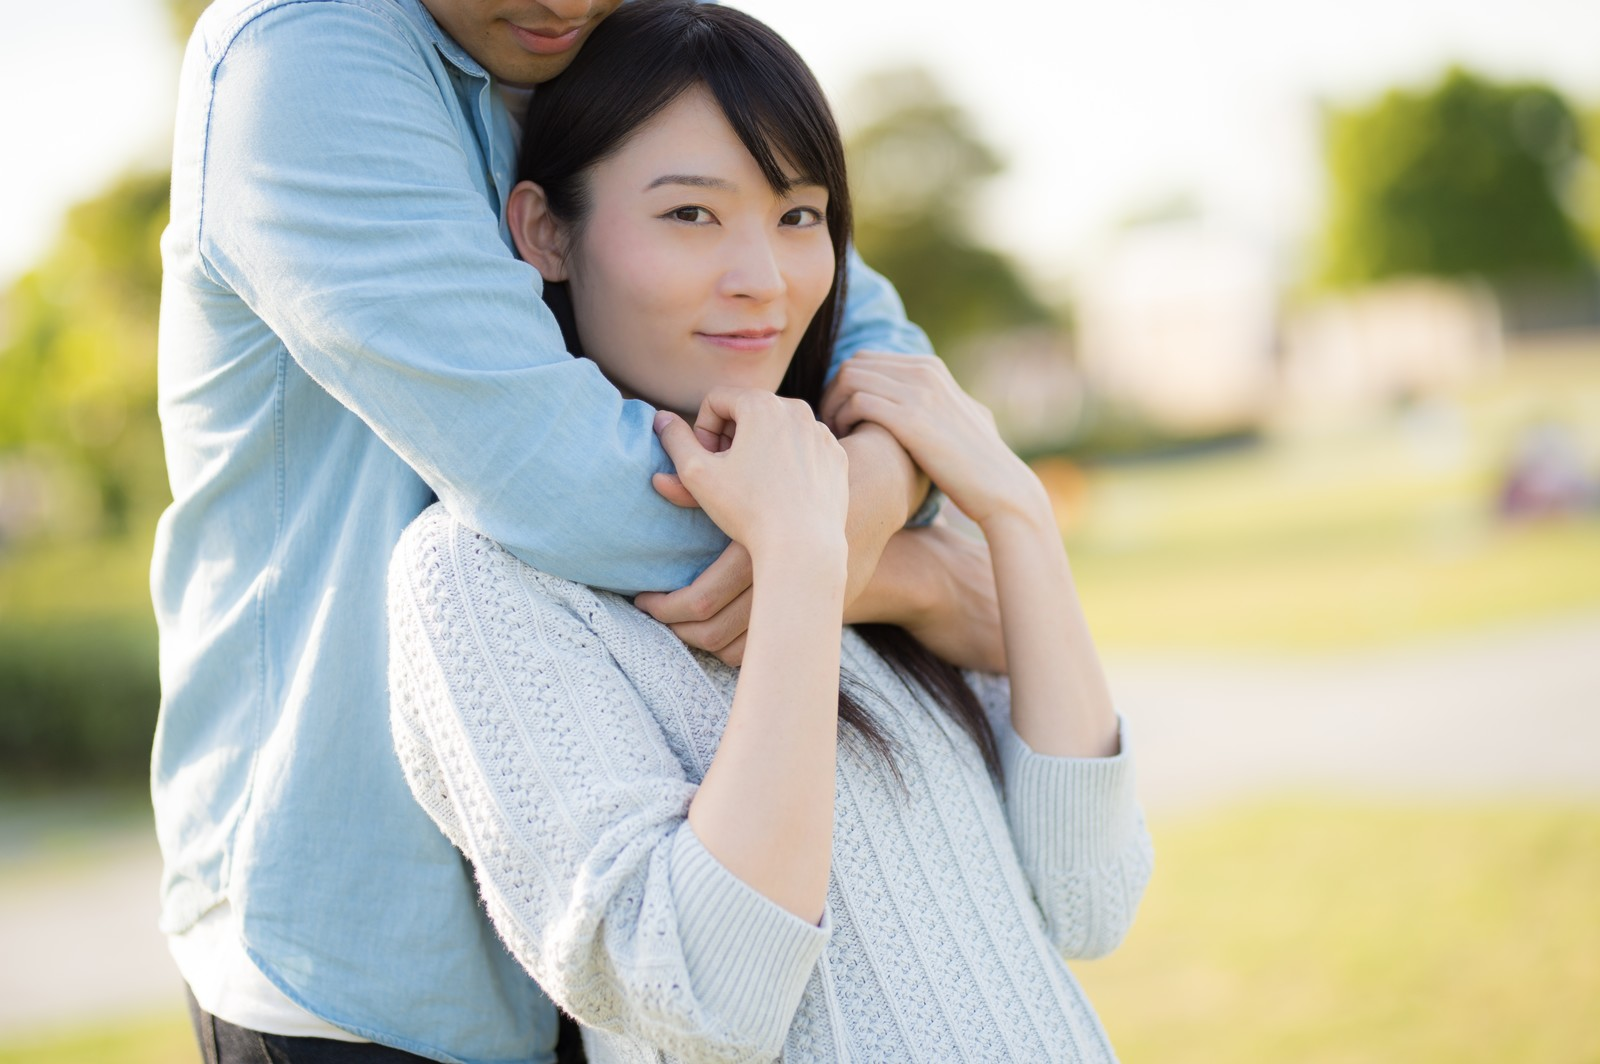 恋人を選ぶ際に「相手の趣味を重視する」と回答した人は◯割以上